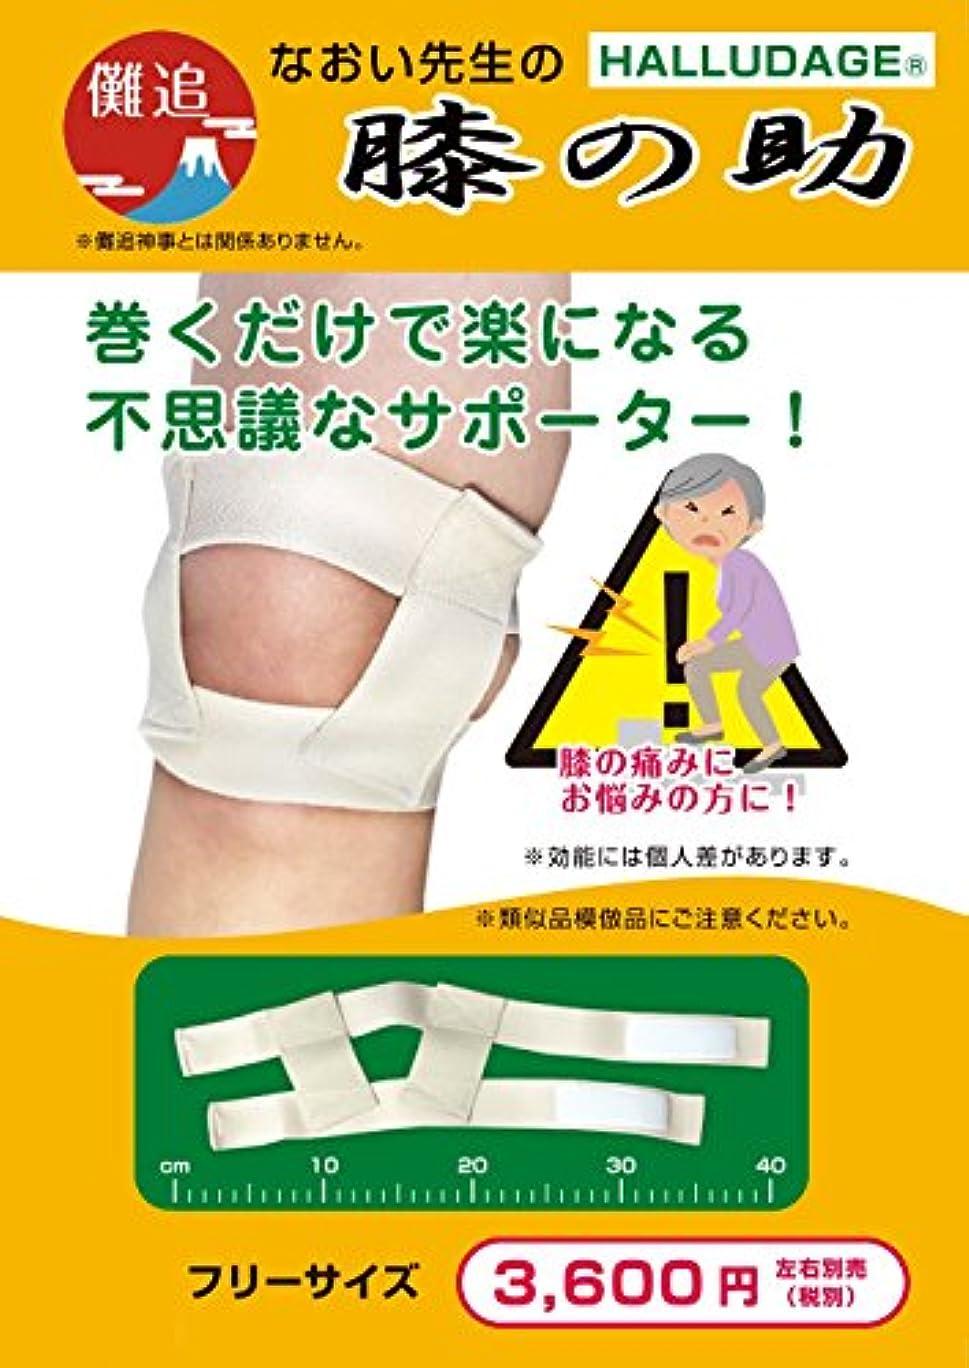 に変わるシャトル見通し巻くだけでひざが楽になる「なおい先生の膝の助」 (左足用)